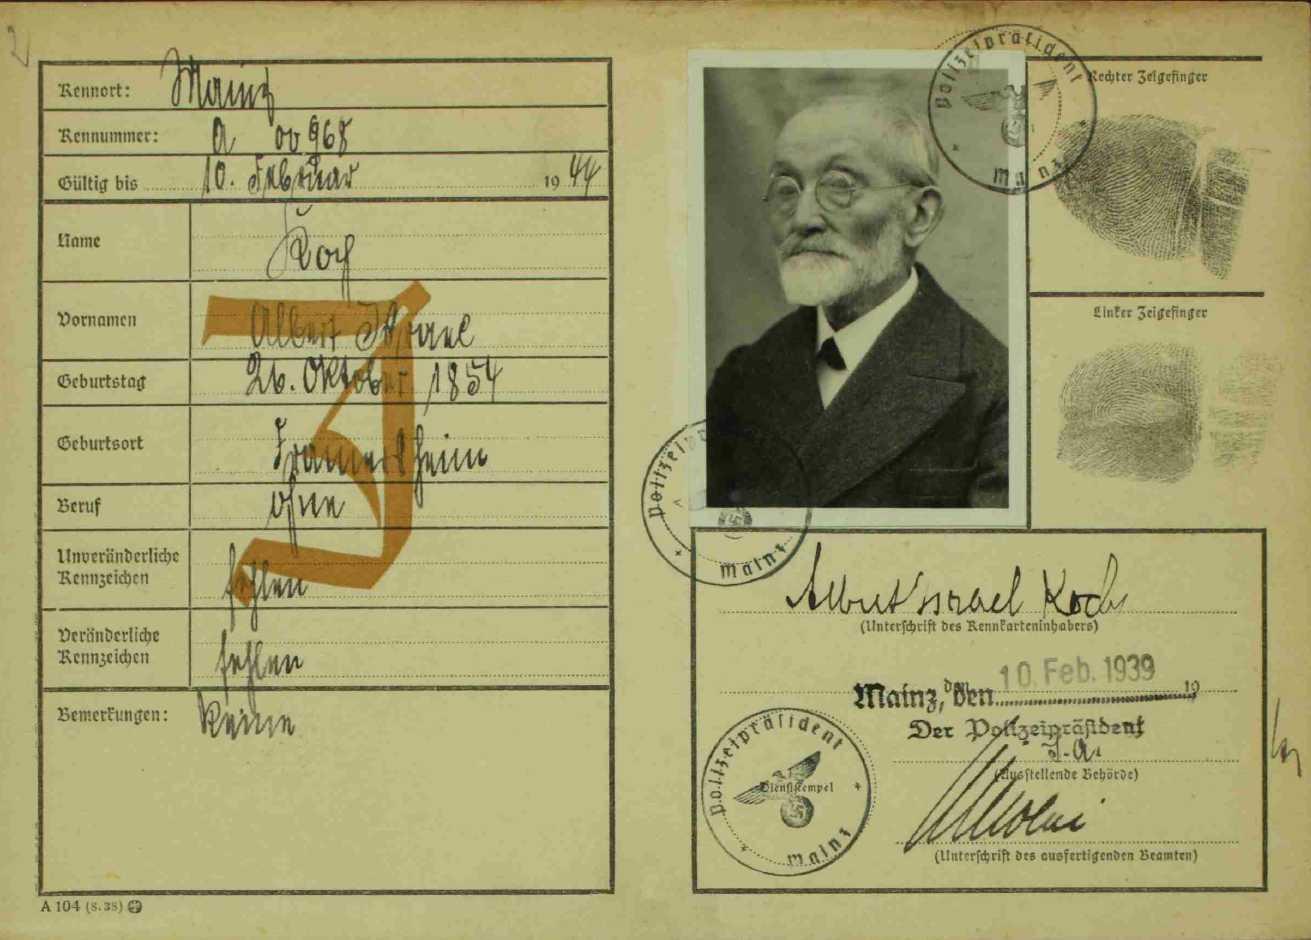 http://www.alemannia-judaica.de/images/Images%20385/Framersheim%20KK%20MZ%20Loch%20Albert.jpg